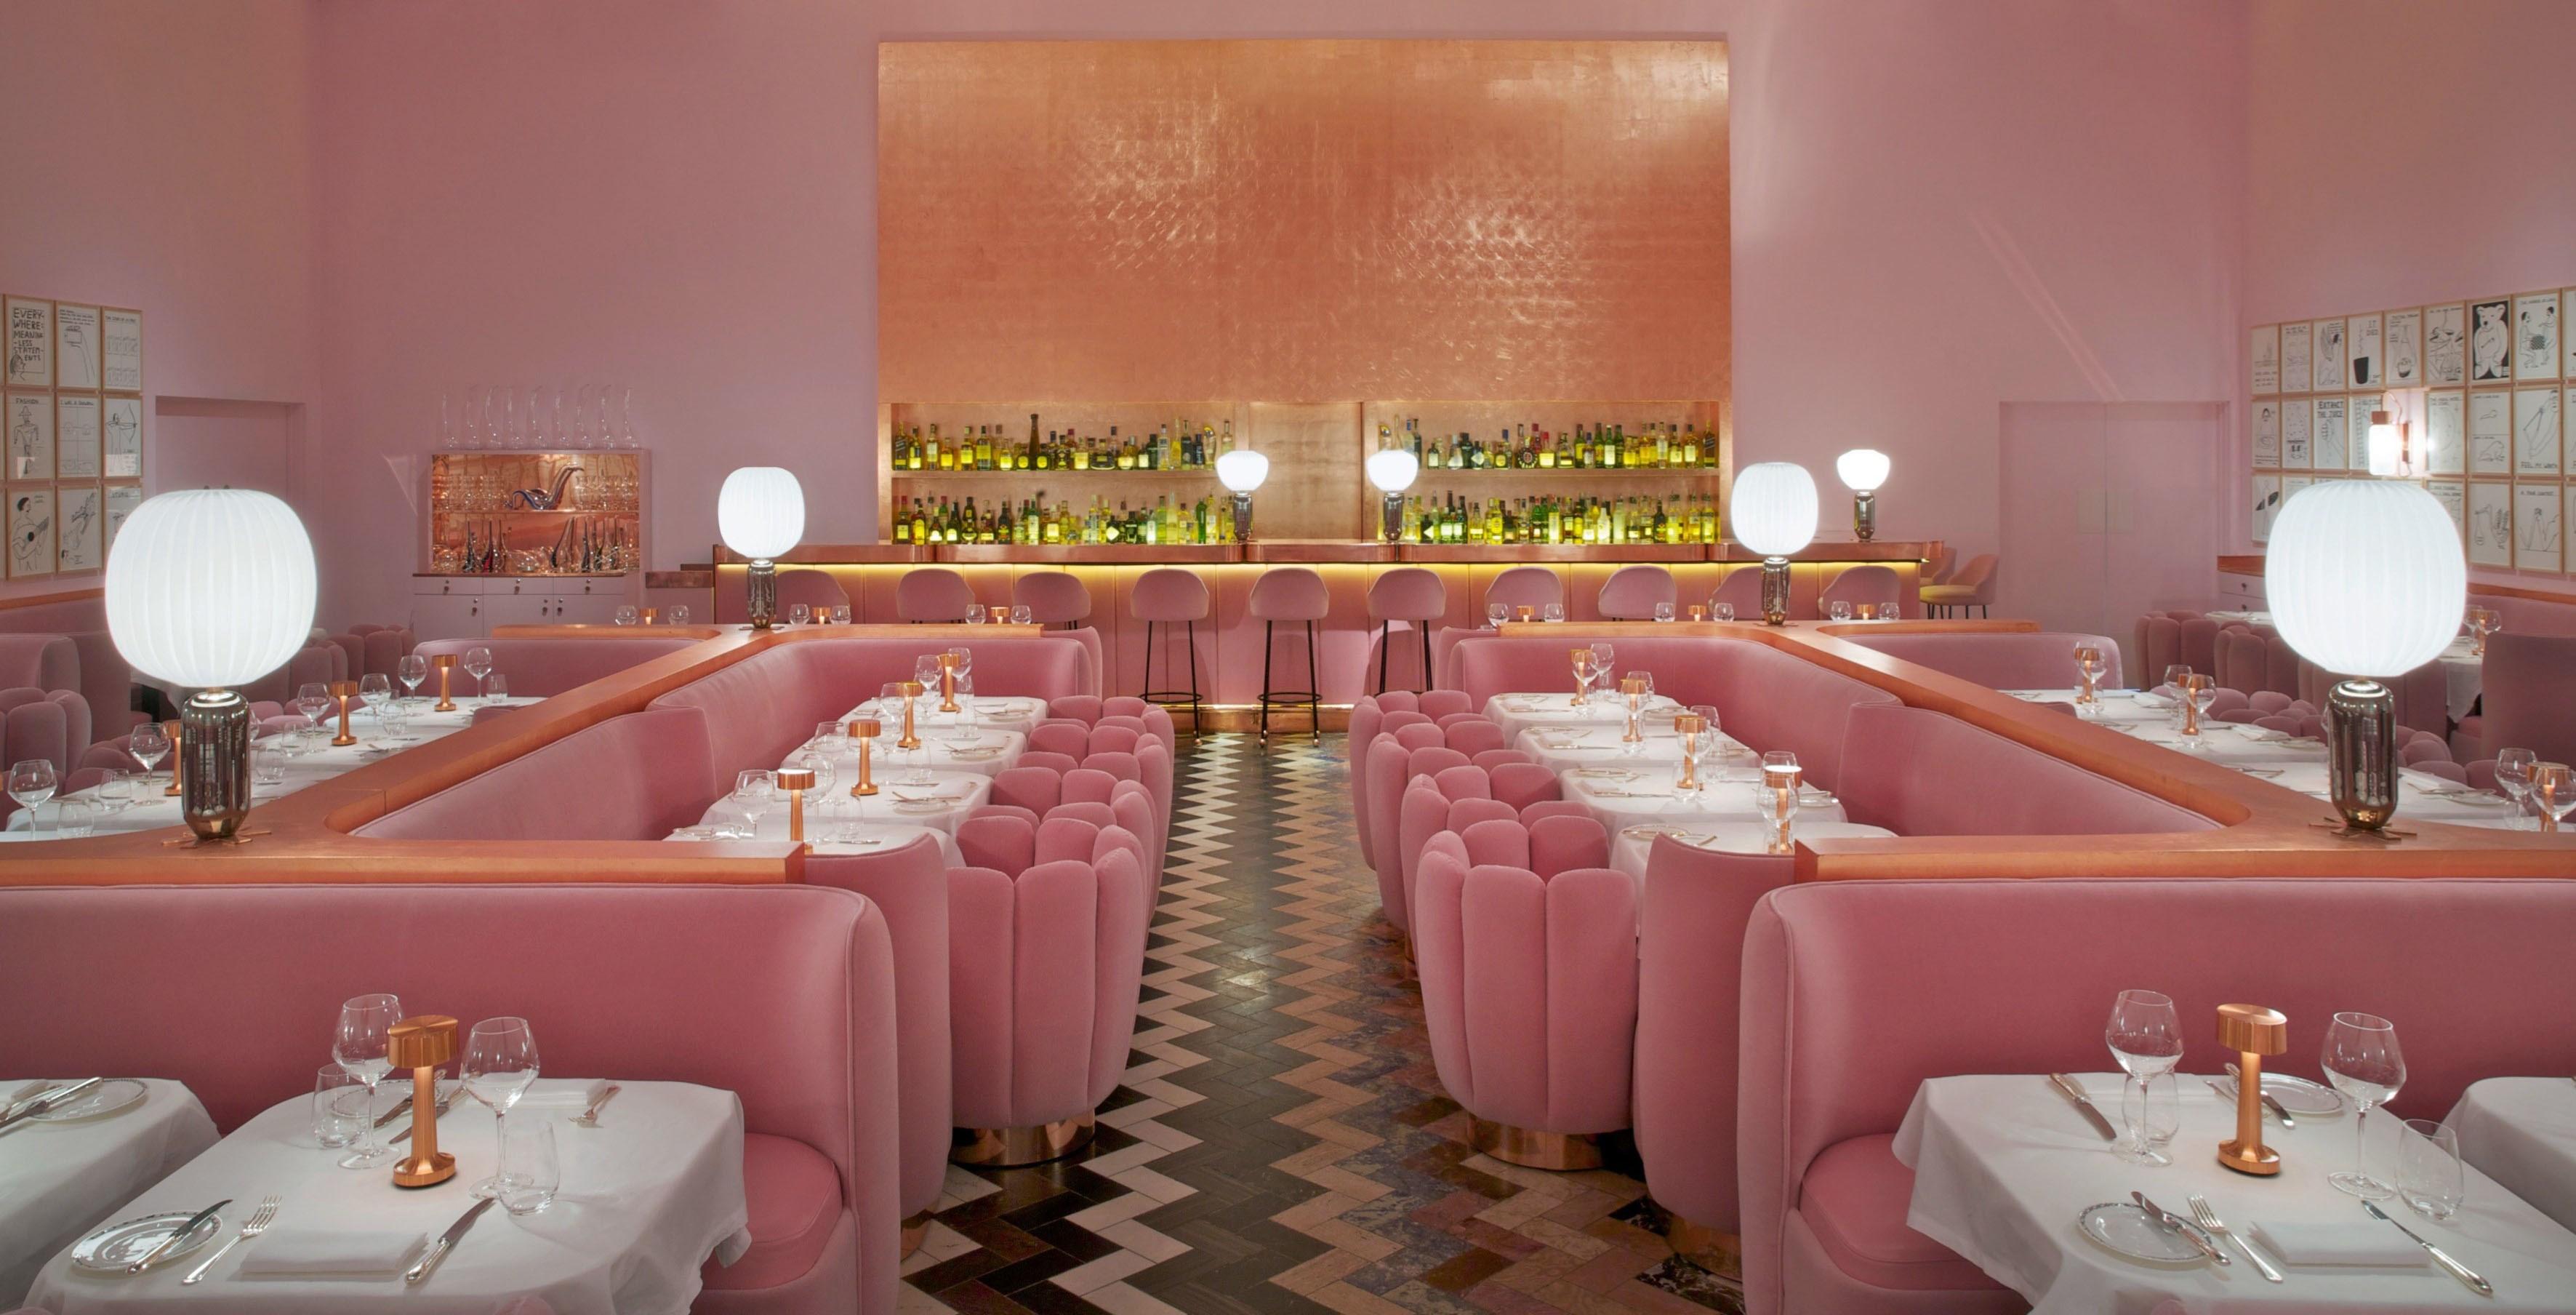 Best Restaurants near Oxford Street for Shopping